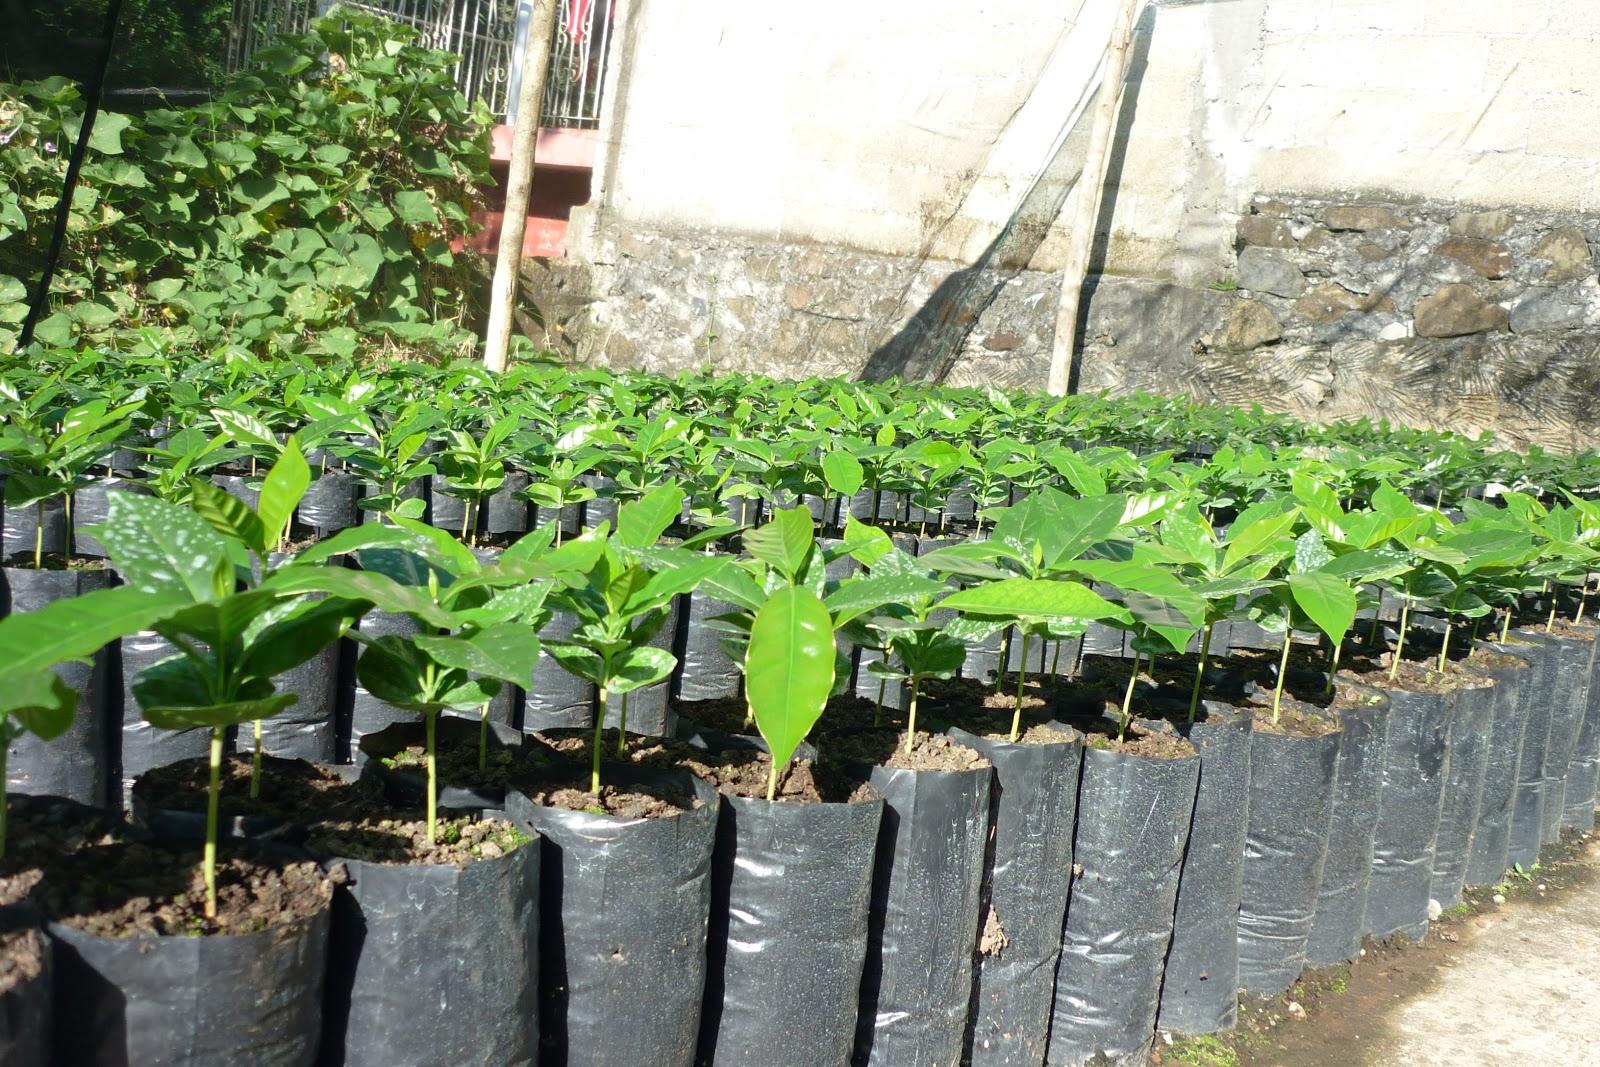 Caf campo y ambiente planeacion de planteles de caf y for Vivero de cafe pdf